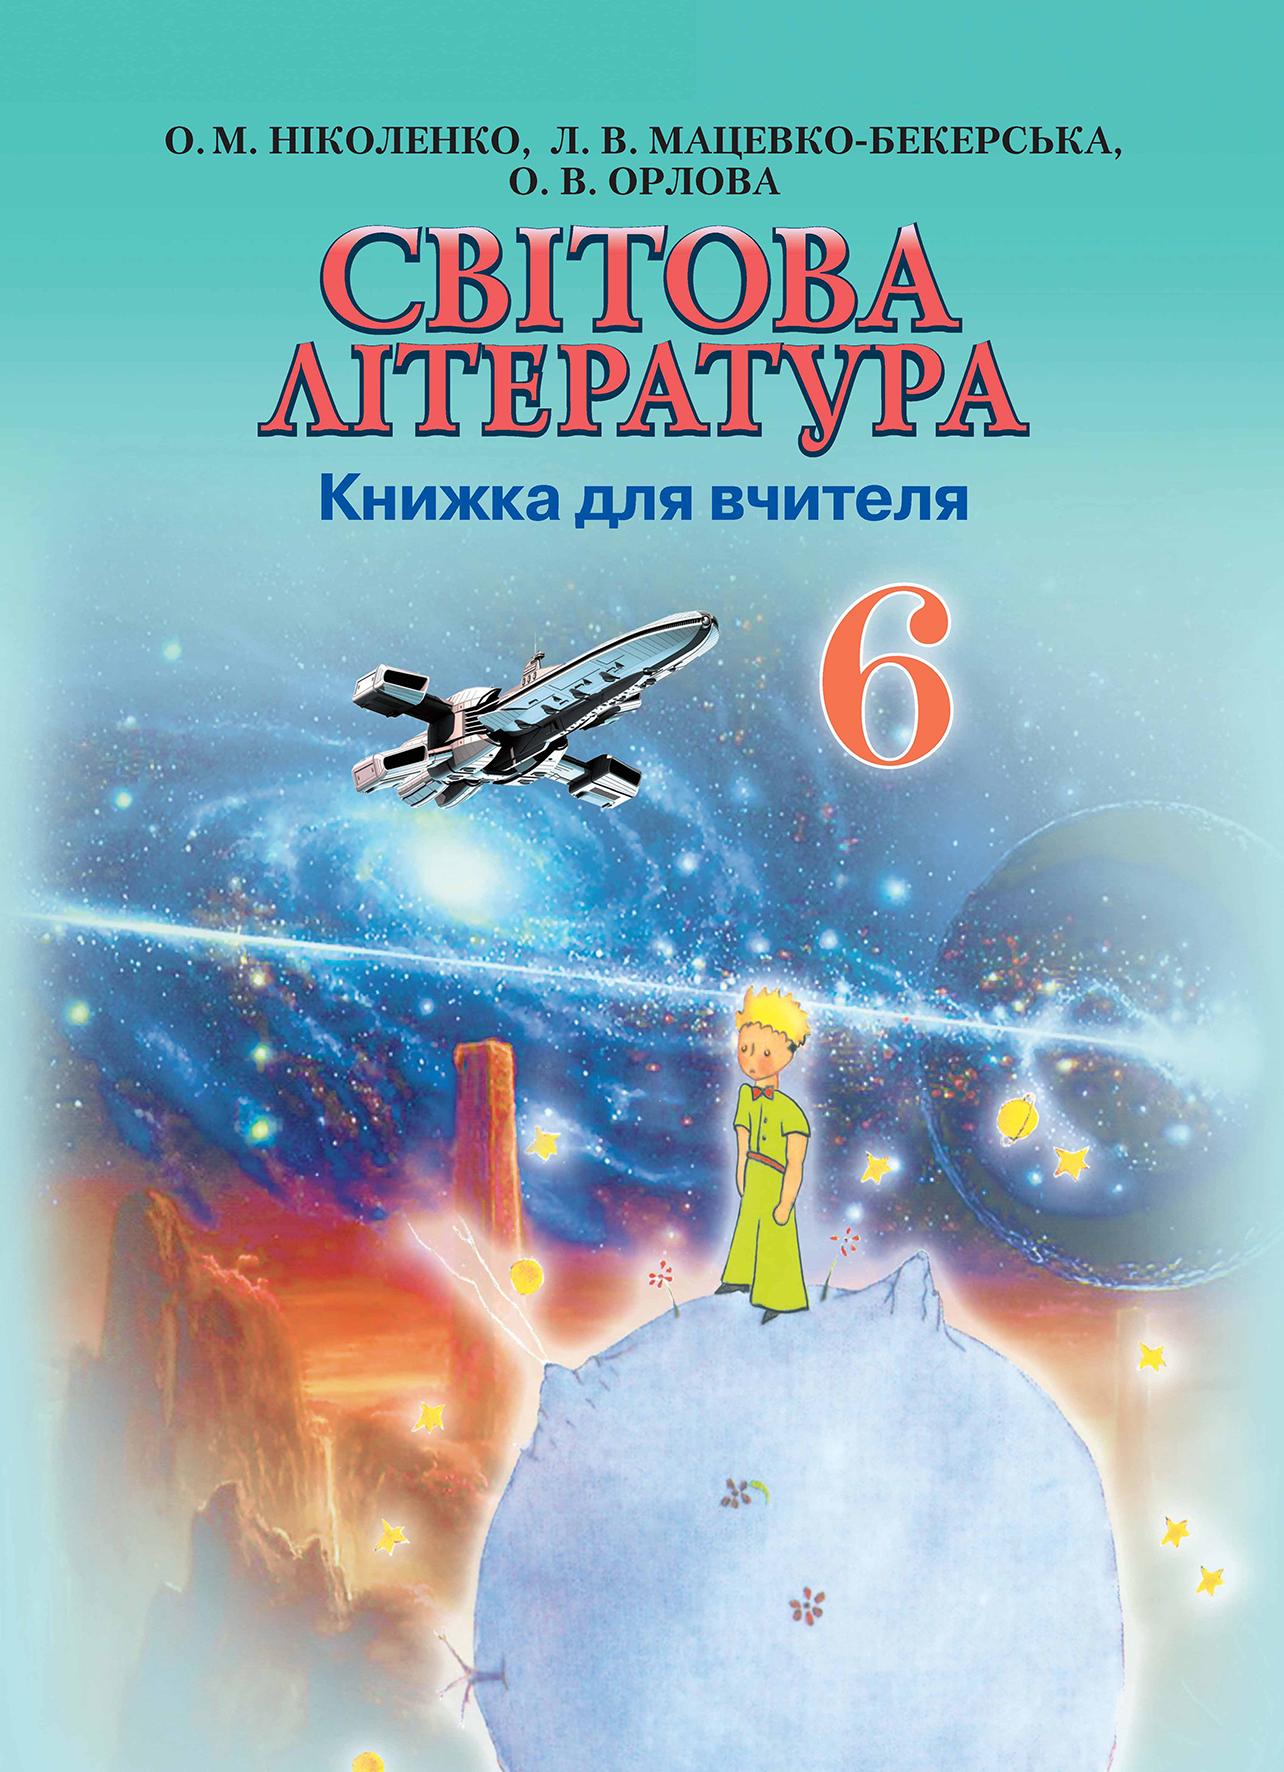 Обкладинка_Книжка для вчителя_6 клас1